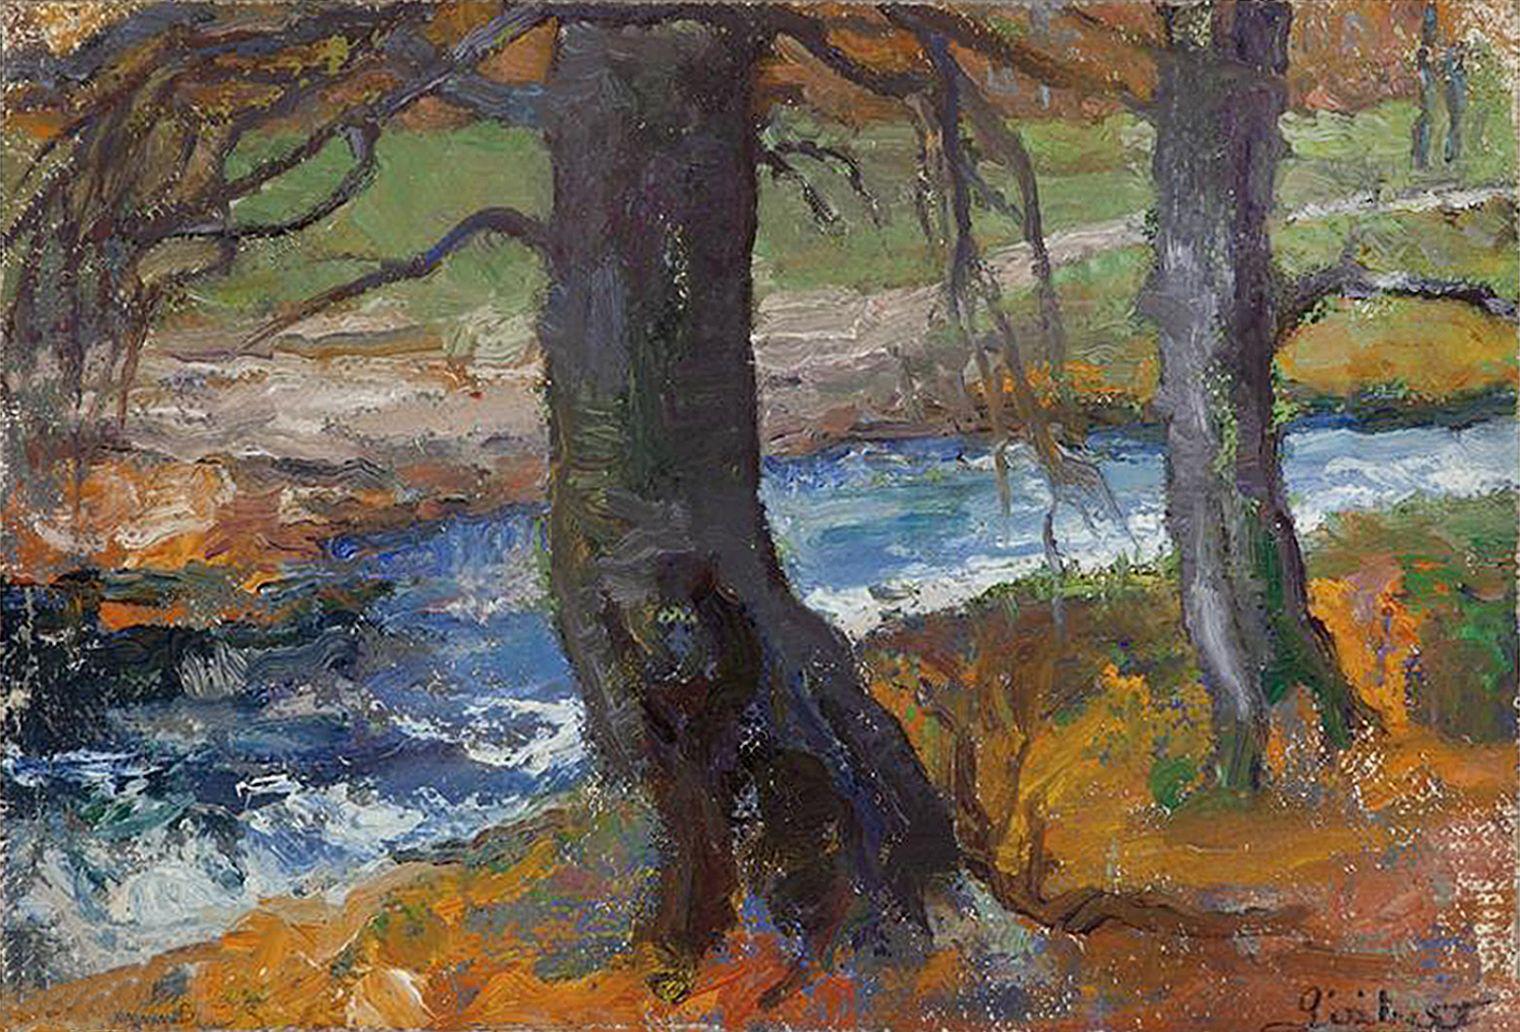 Марія Гіжберт-Студницька. Пейзаж зі струмком, 1910-20; олія, полотно, NMK